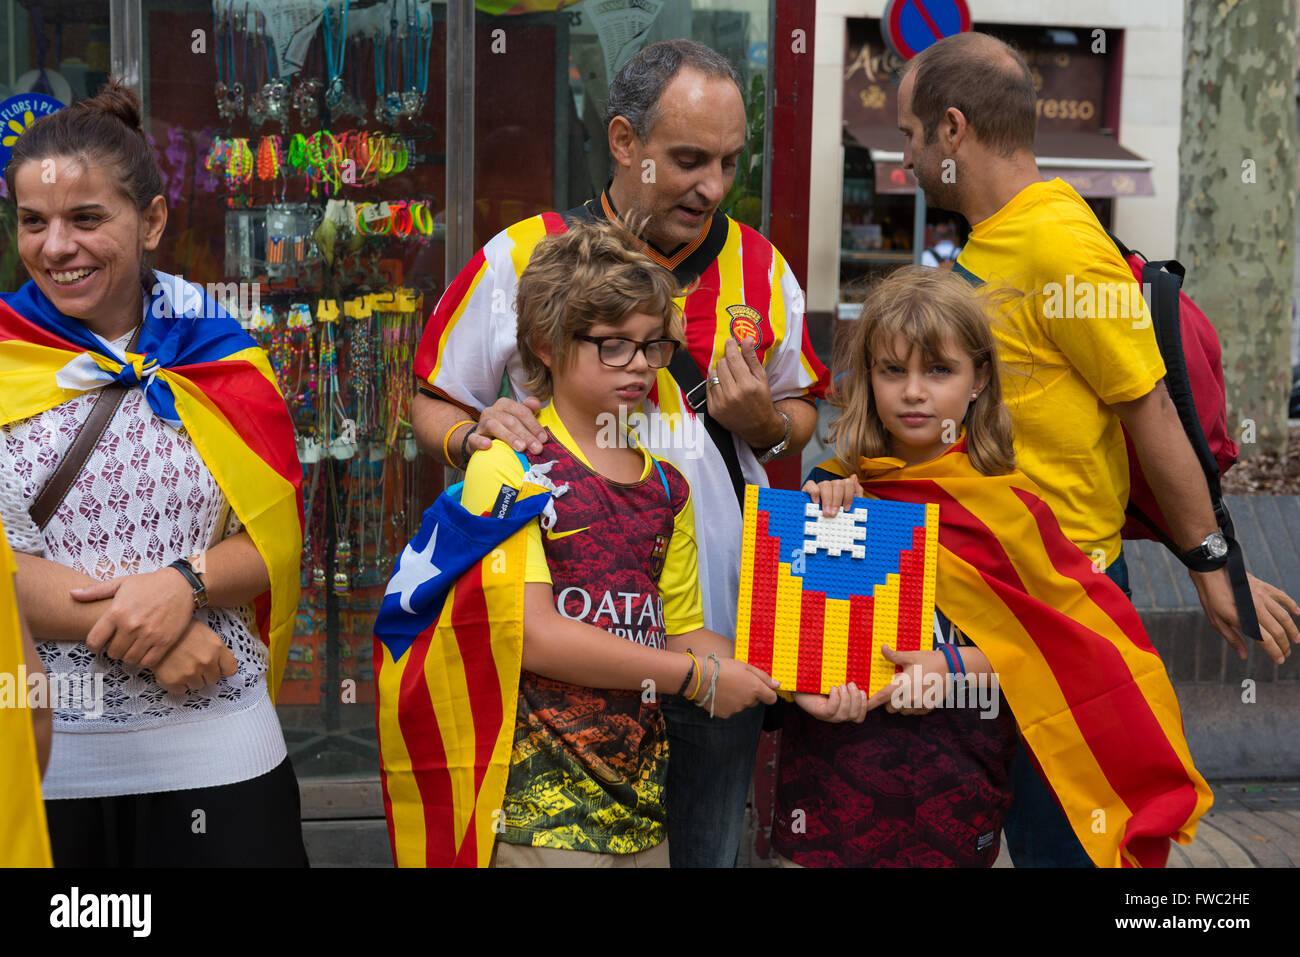 Garçon et fille tenant un drapeau de la Catalogne fait avec Lego à l'occasion de la Journée nationale Photo Stock